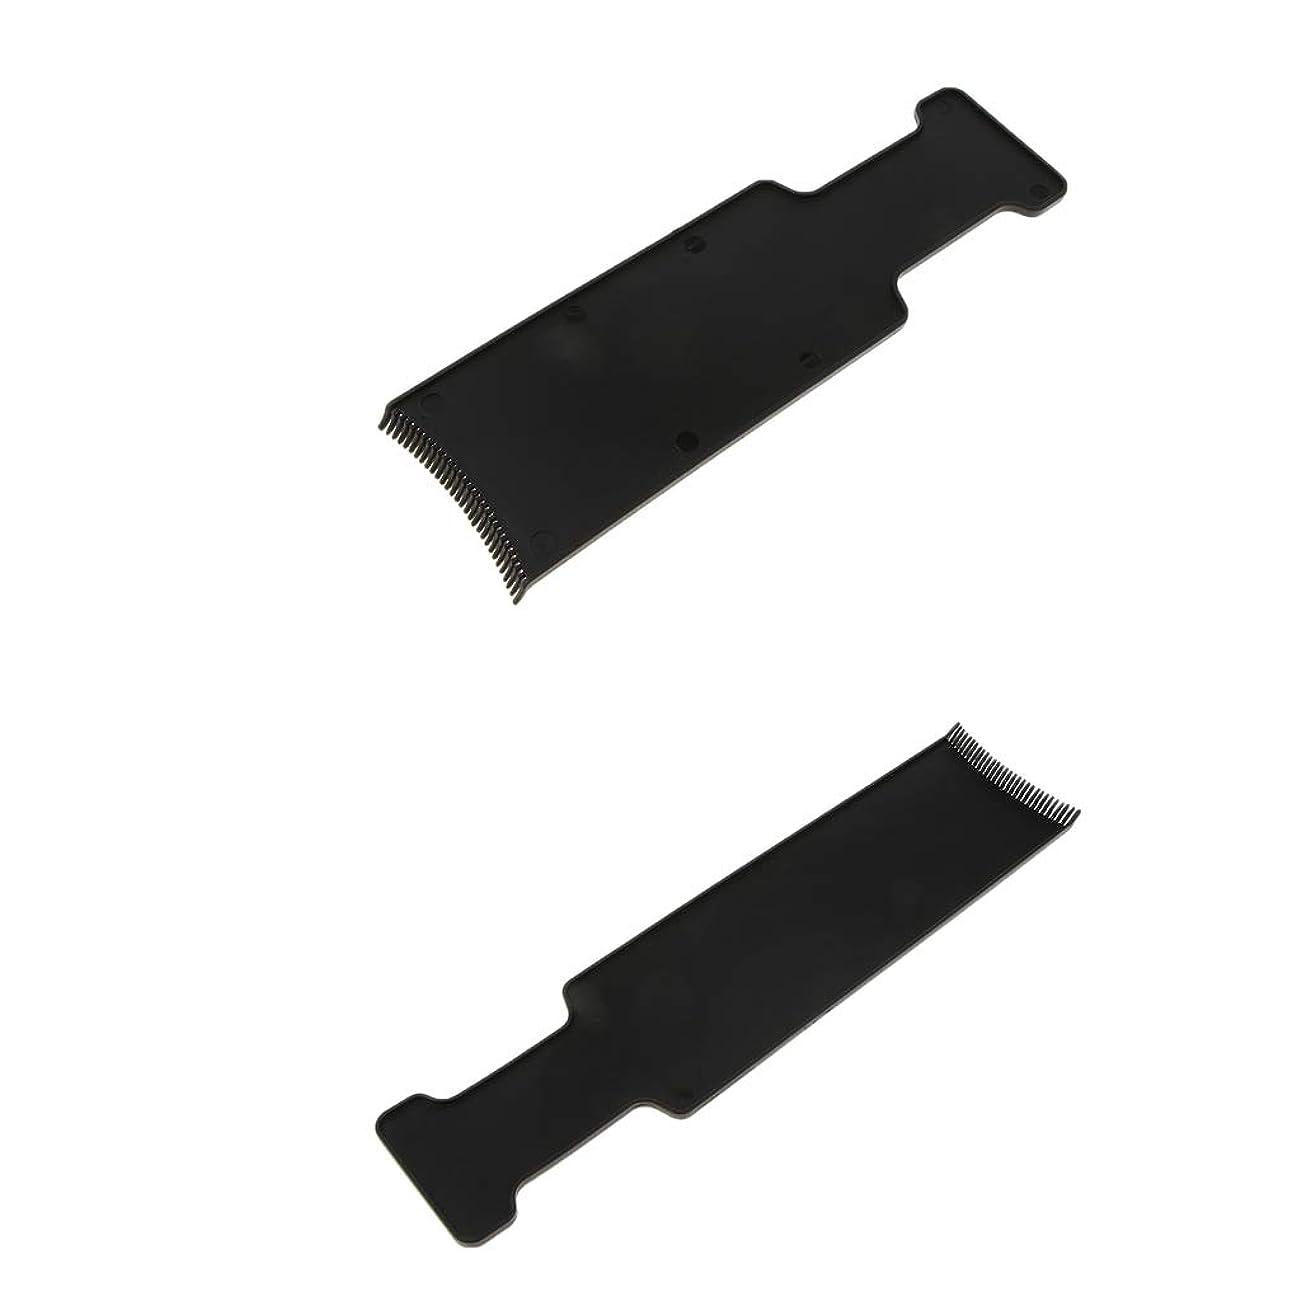 検索エンジン最適化世代注目すべきKESOTO 2枚 サロン ヘアカラーボード ハイライト 染色ティントプレート ヘアドレッシングツール